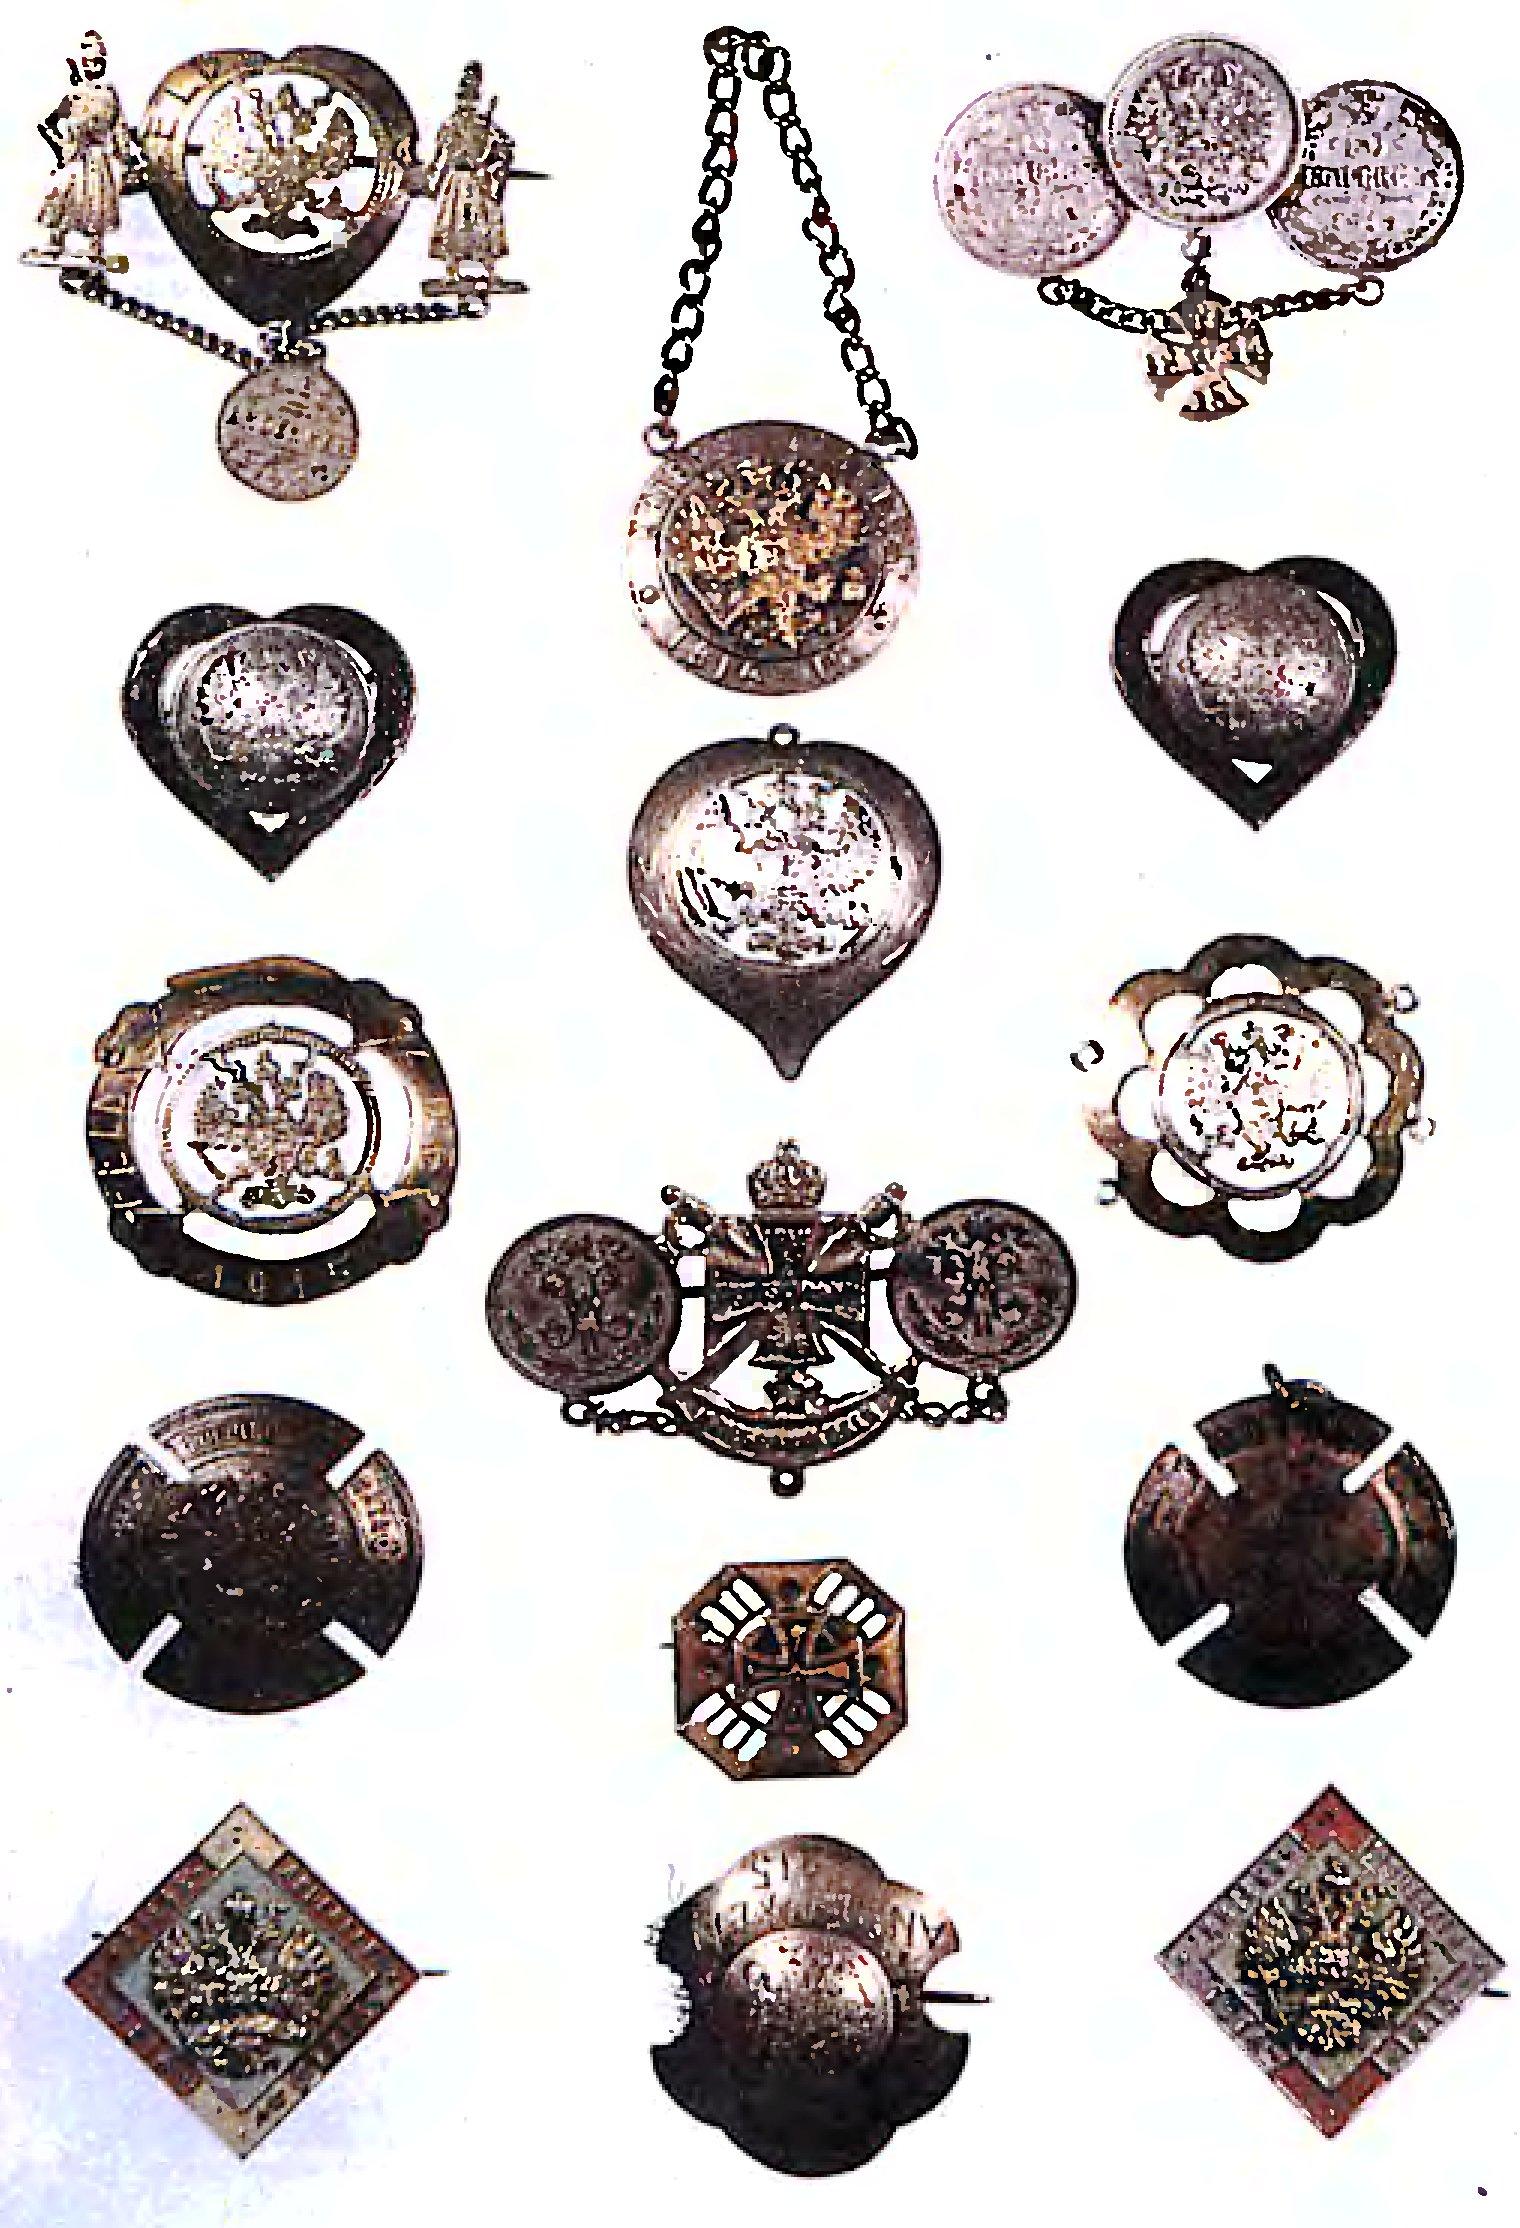 Знаки русскиз солдат и офицеров